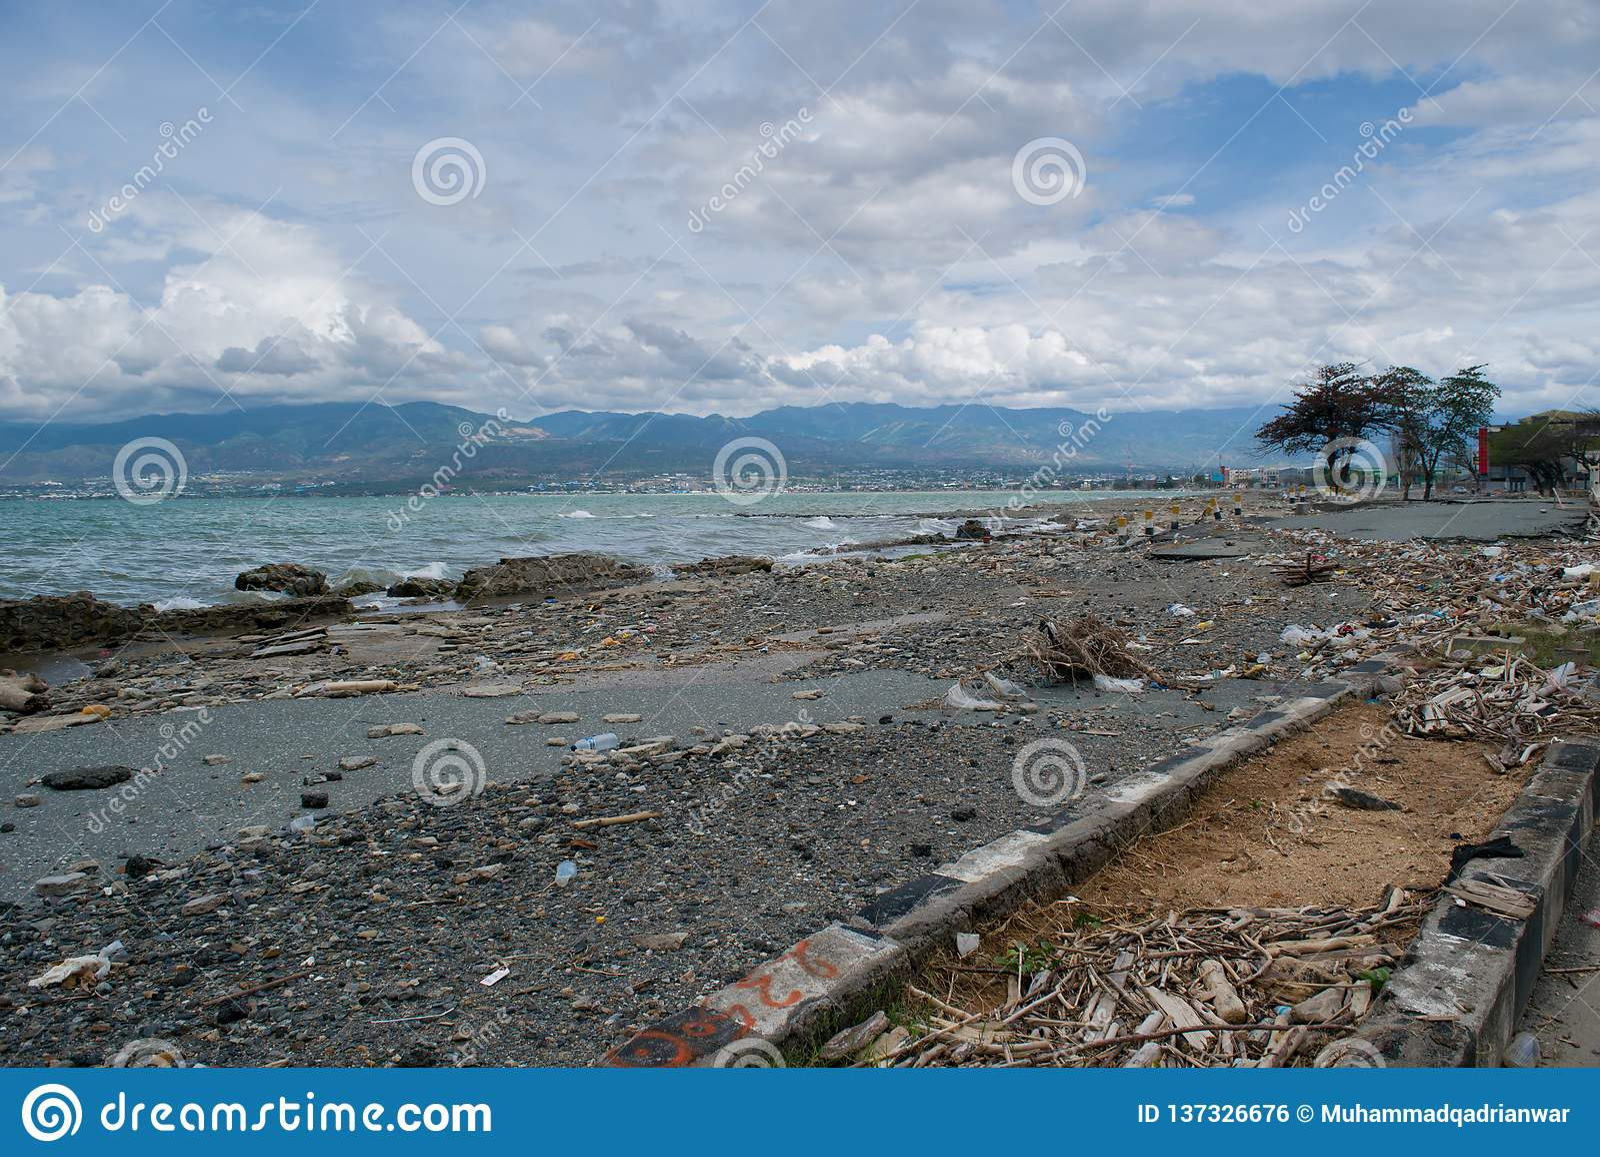 在海啸命中帕卢以后的海岸线损伤2018年9月28日